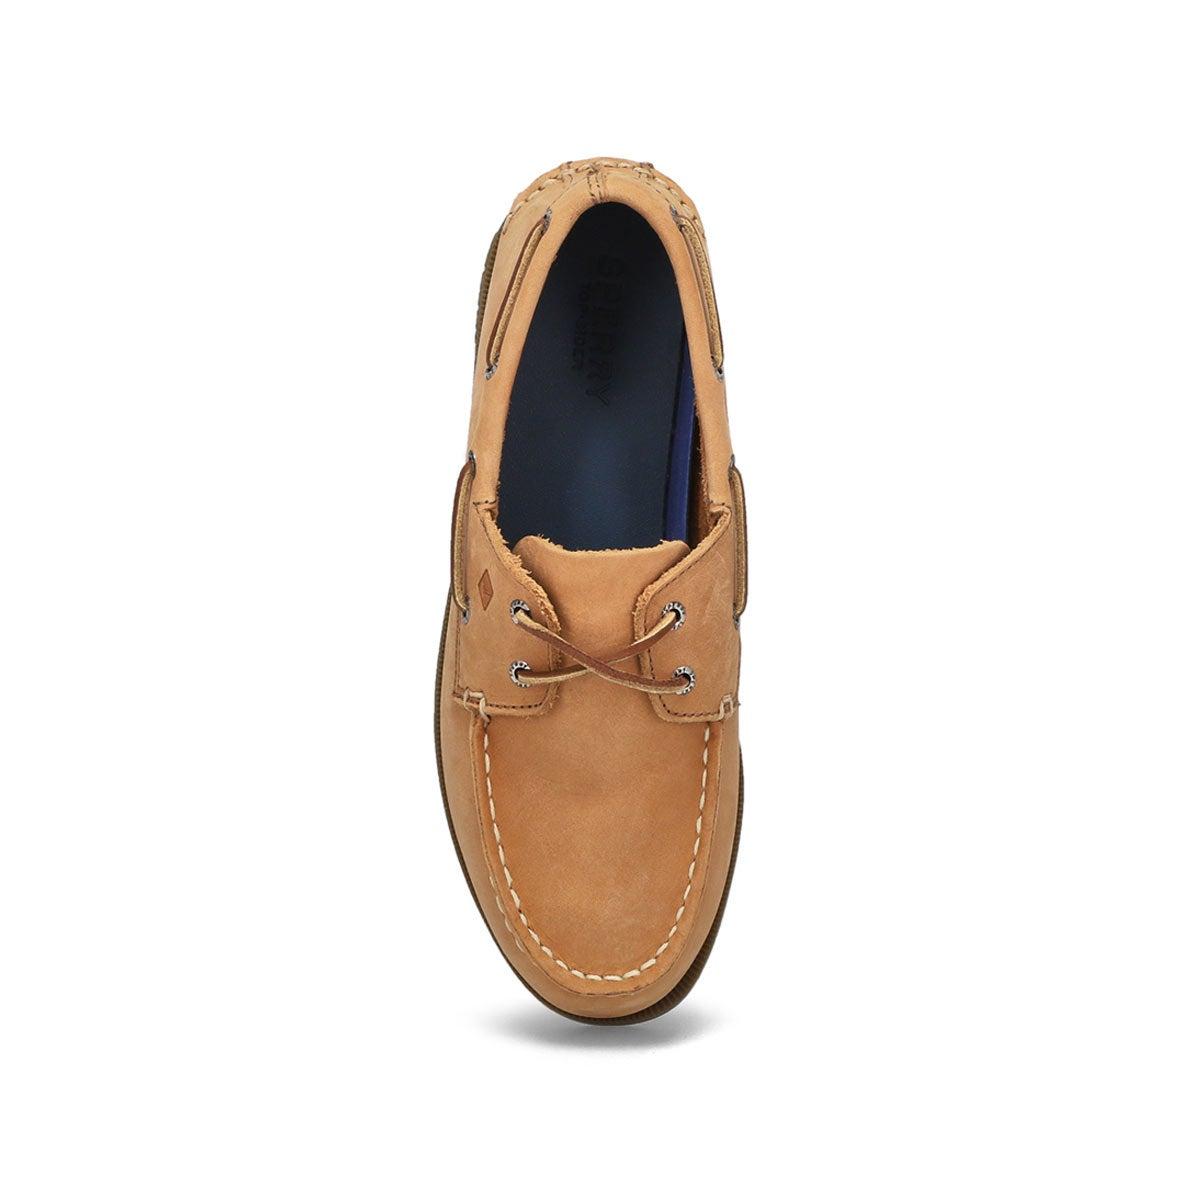 Bys A/O Sahara nubuck boat shoe